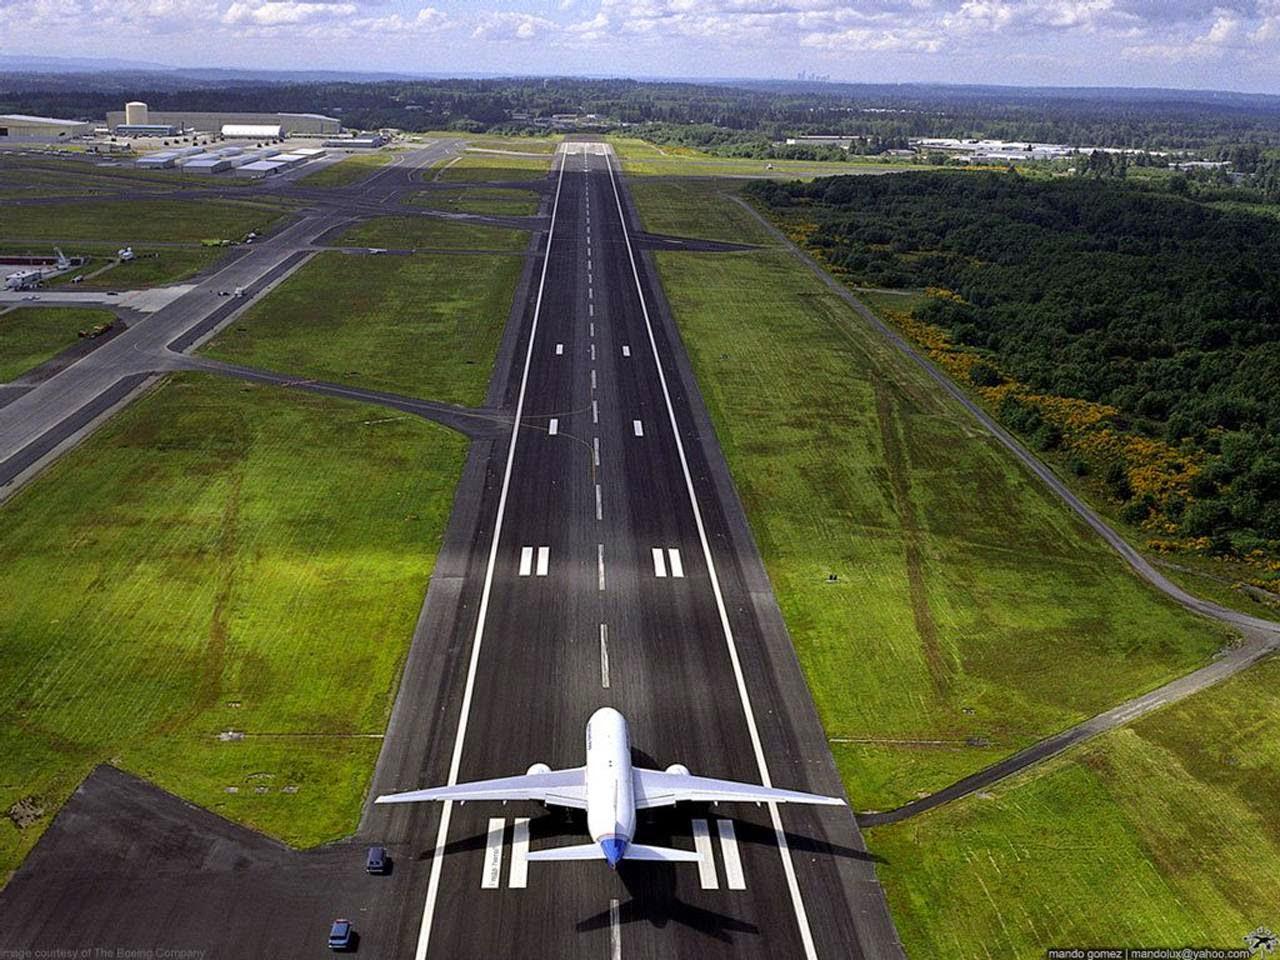 Licitação Do Aeroporto De Sobral Deve Ser Lançada No Início De 2017